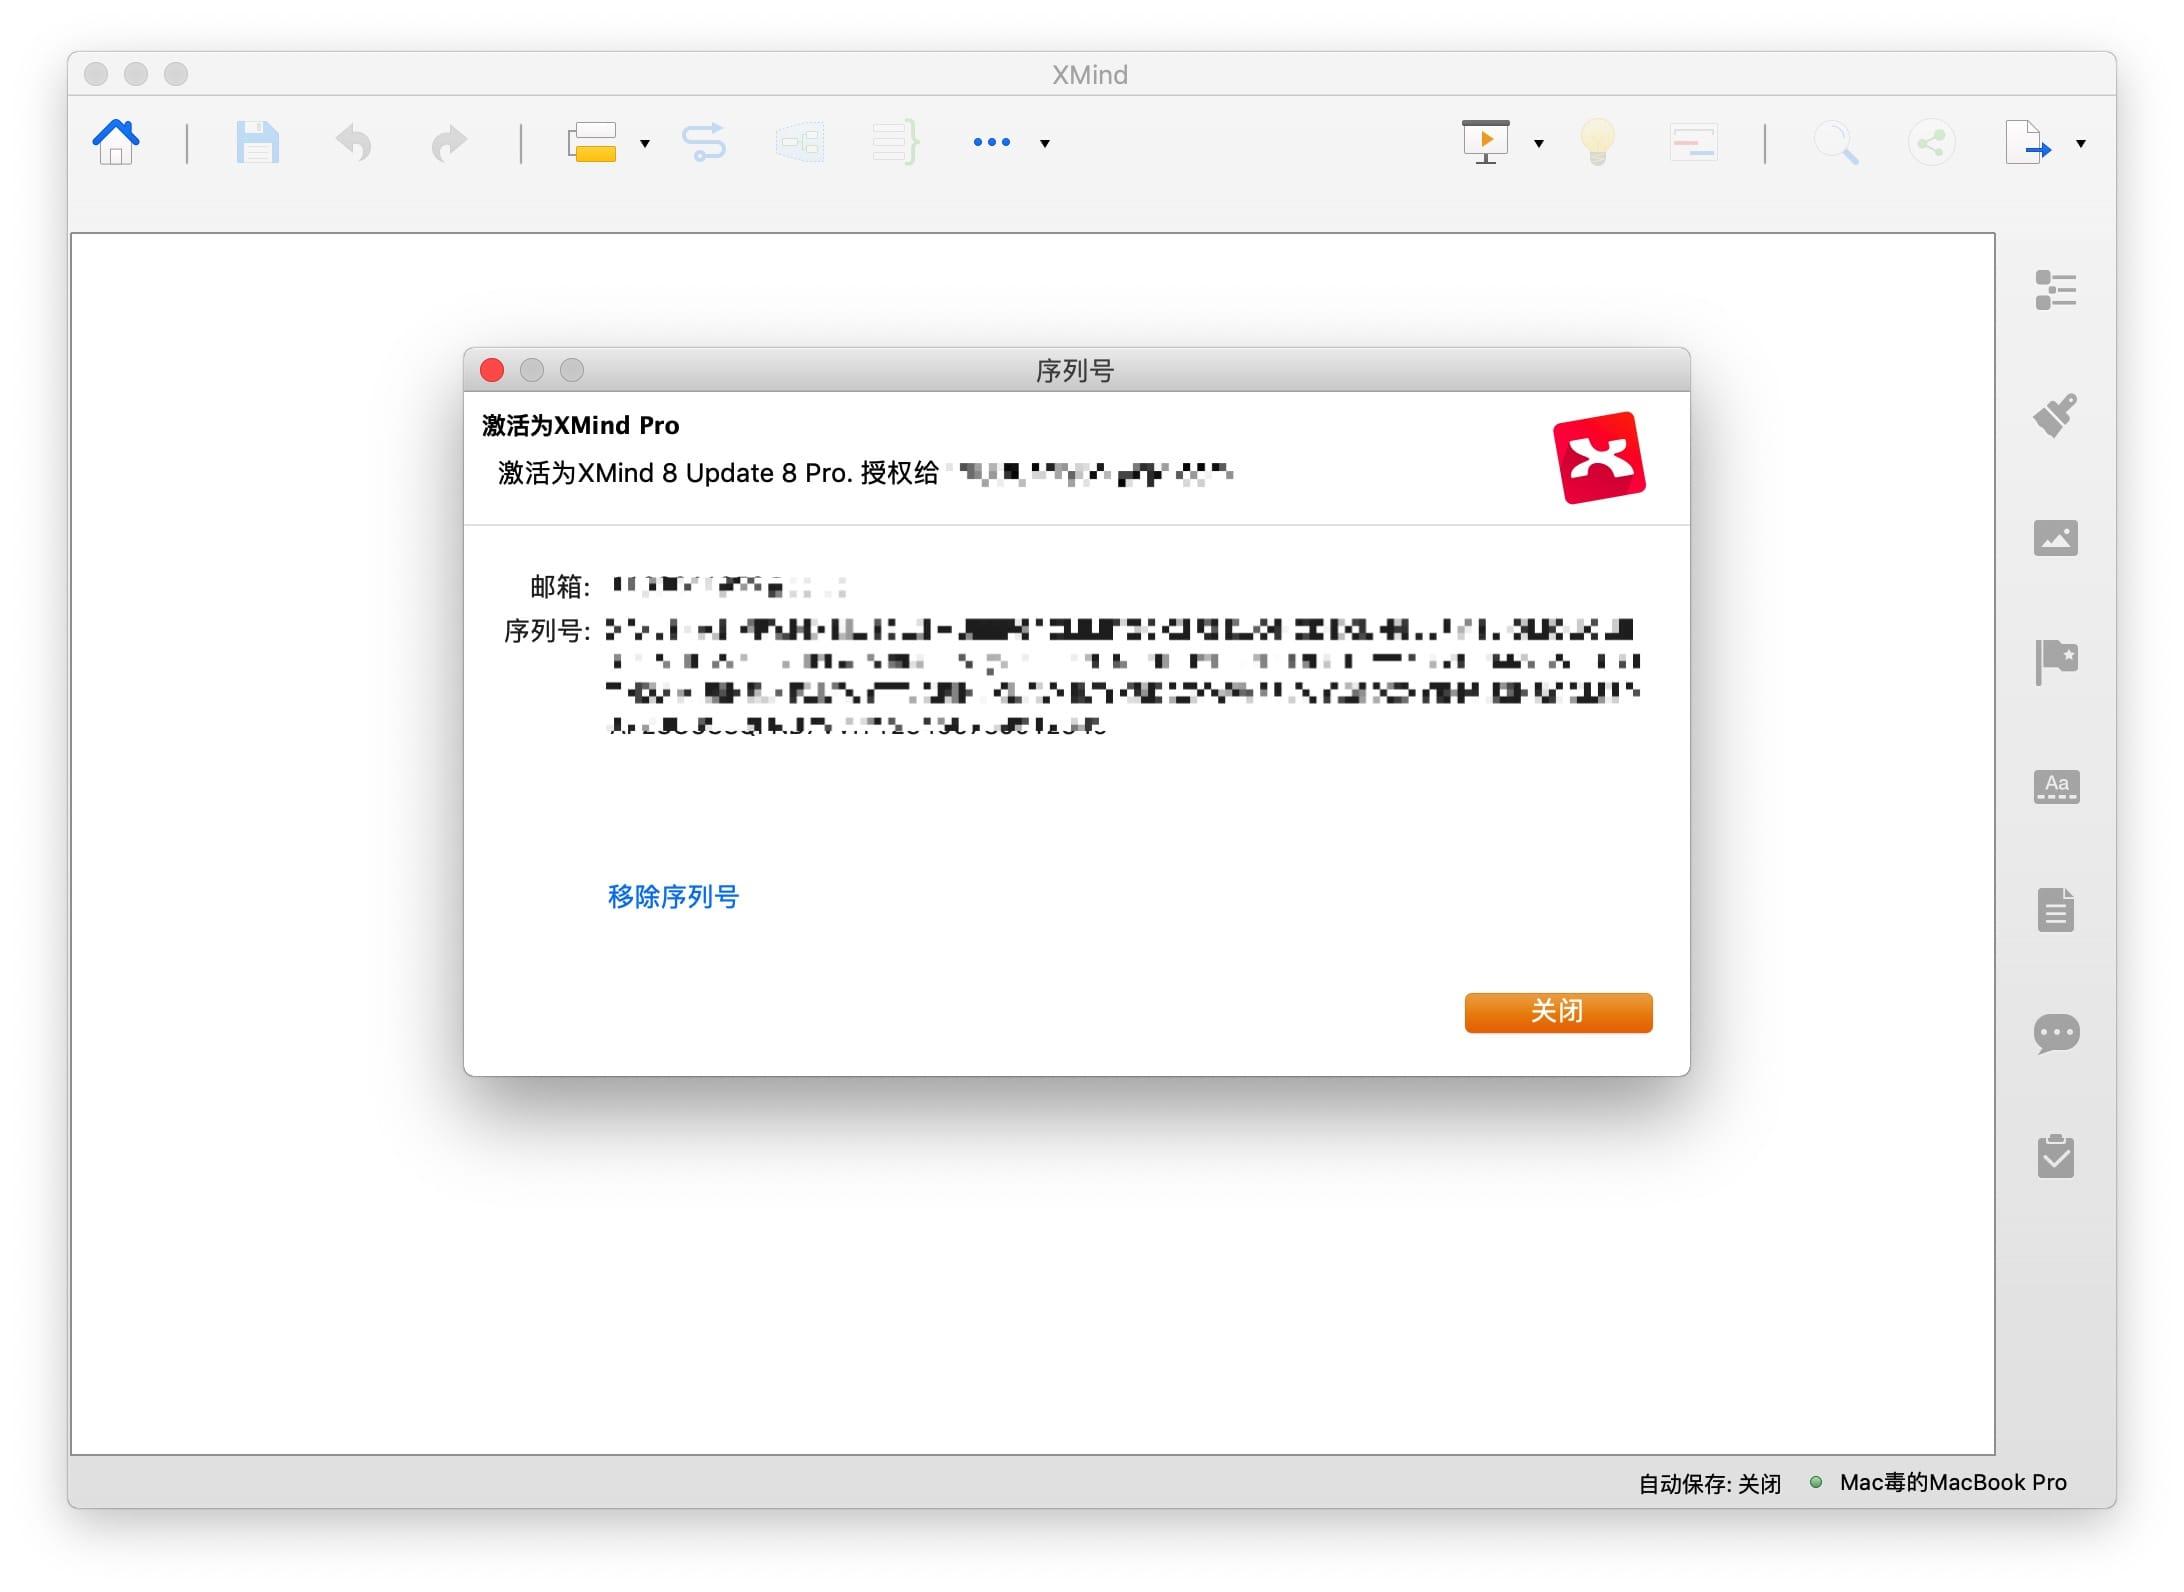 XMind 8 Pro 3.7.8 最受欢迎思维导图软件-Mac毒